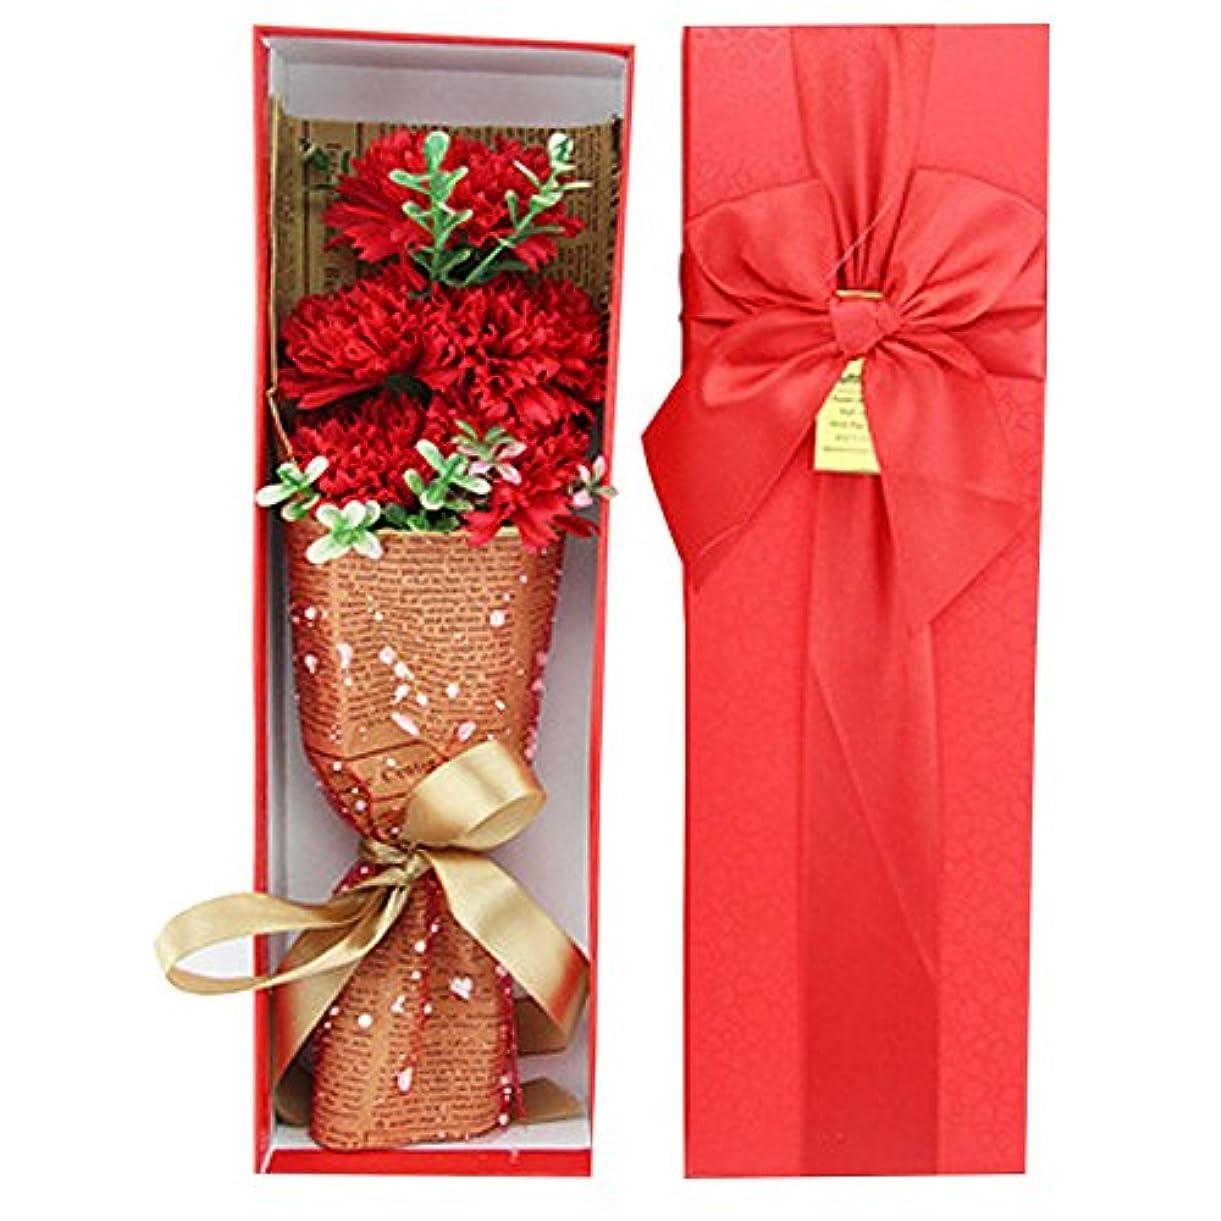 週末保証エジプト人iCoole ソープフラワー 石鹸花 ハードフラワー形状 ギフトボックス入り 母の日 お誕生日 ギフトなどに最高 (レッド)